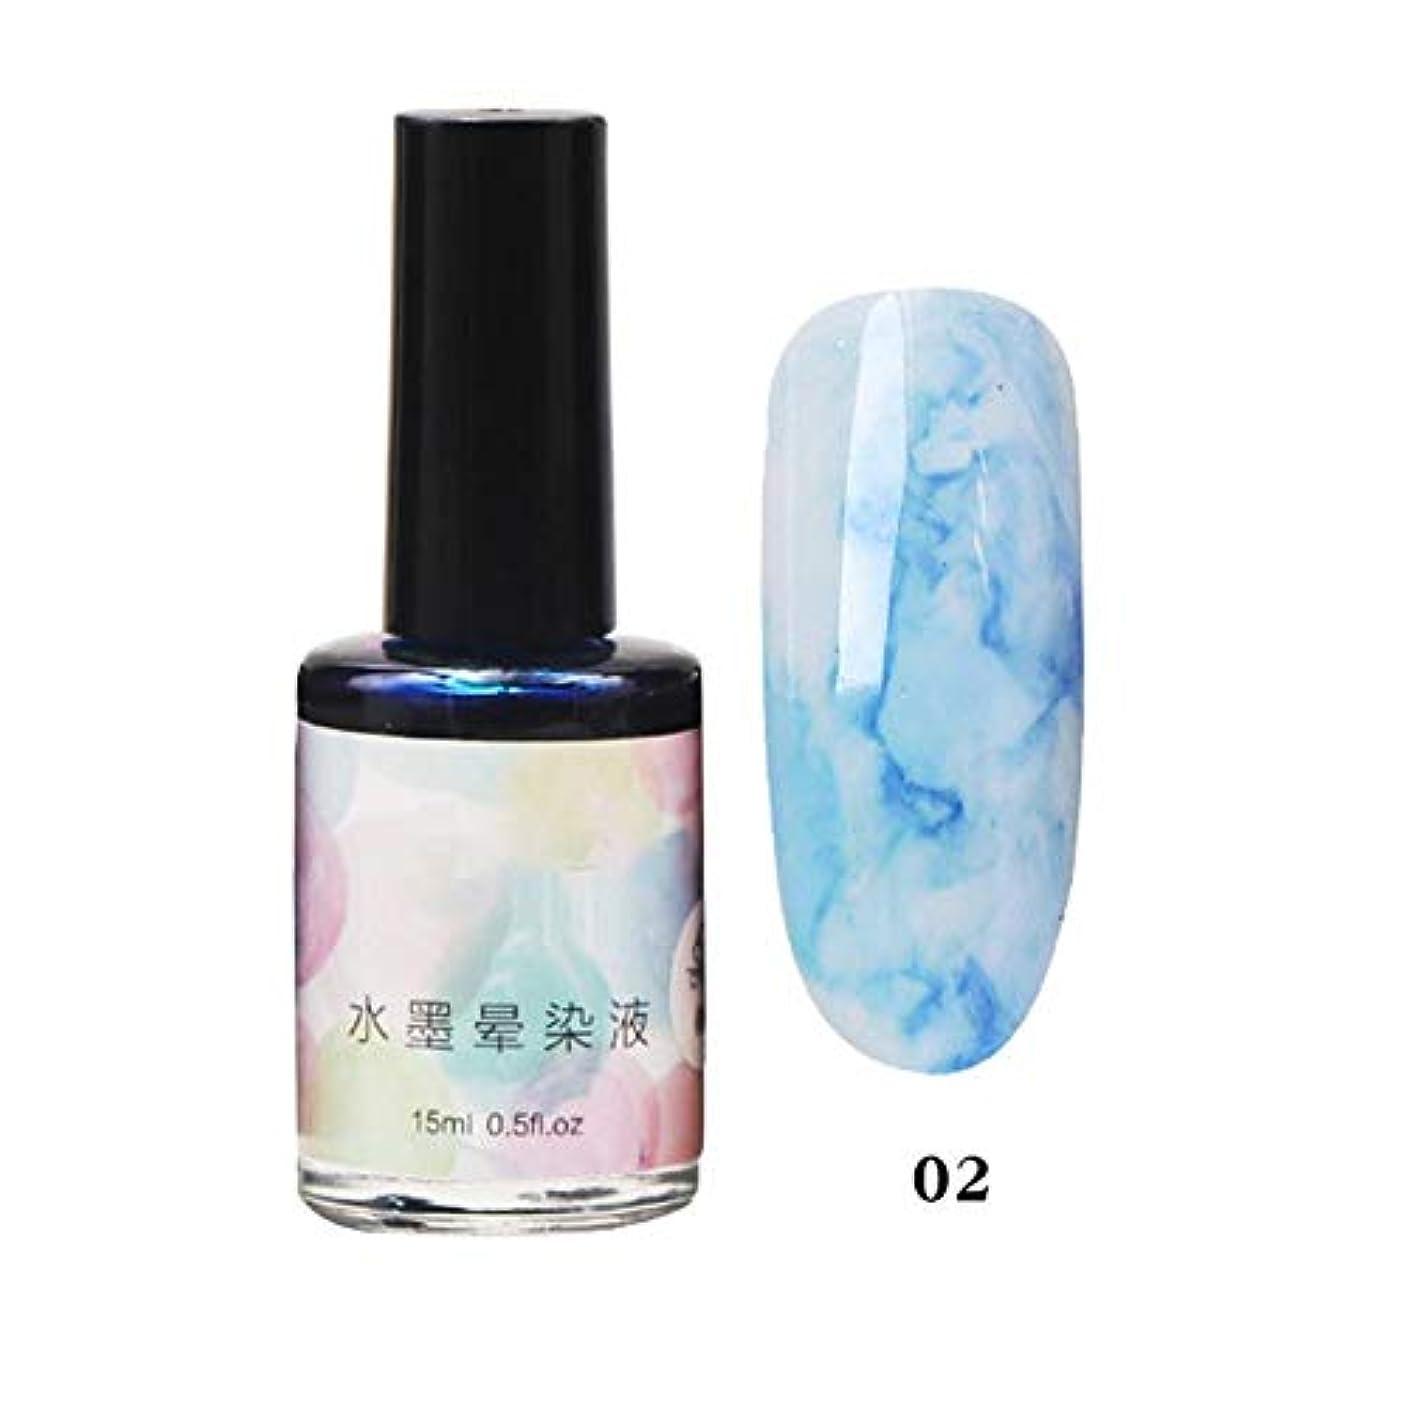 グラス提案トロピカル11色選べる ネイルポリッシュ マニキュア ネイルアート 美しい 水墨柄 ネイルカラー 液体 爪に塗って乾かす 初心者でも簡単に使用できる junexi